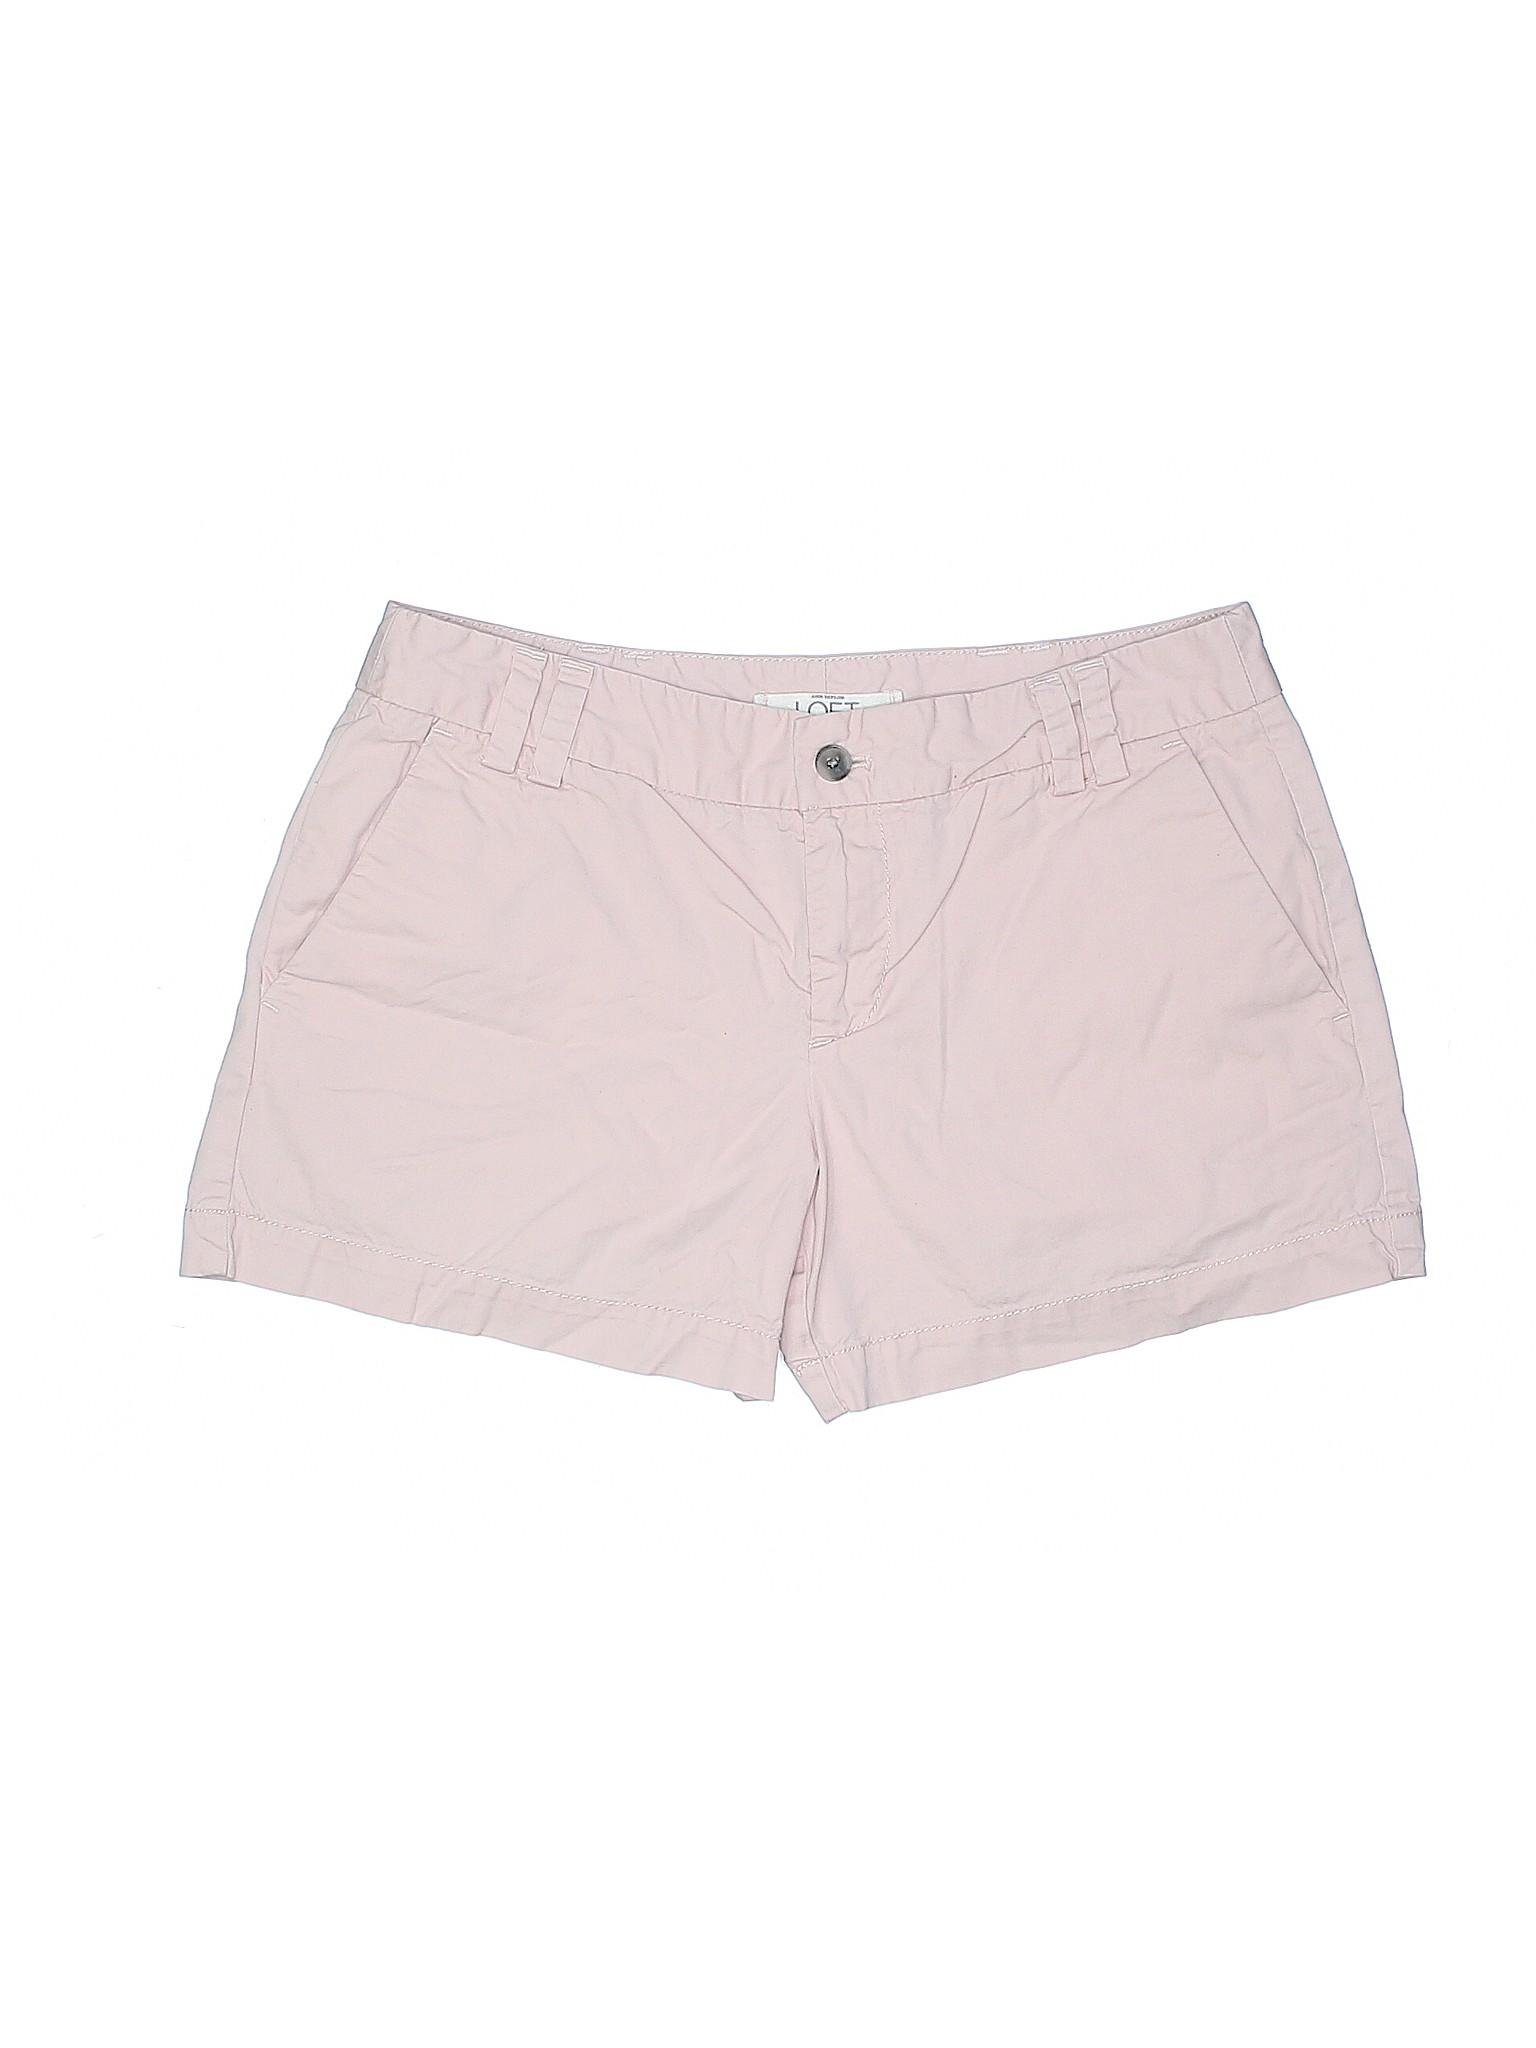 Ann Boutique leisure Shorts Khaki Taylor LOFT 775wnTqU